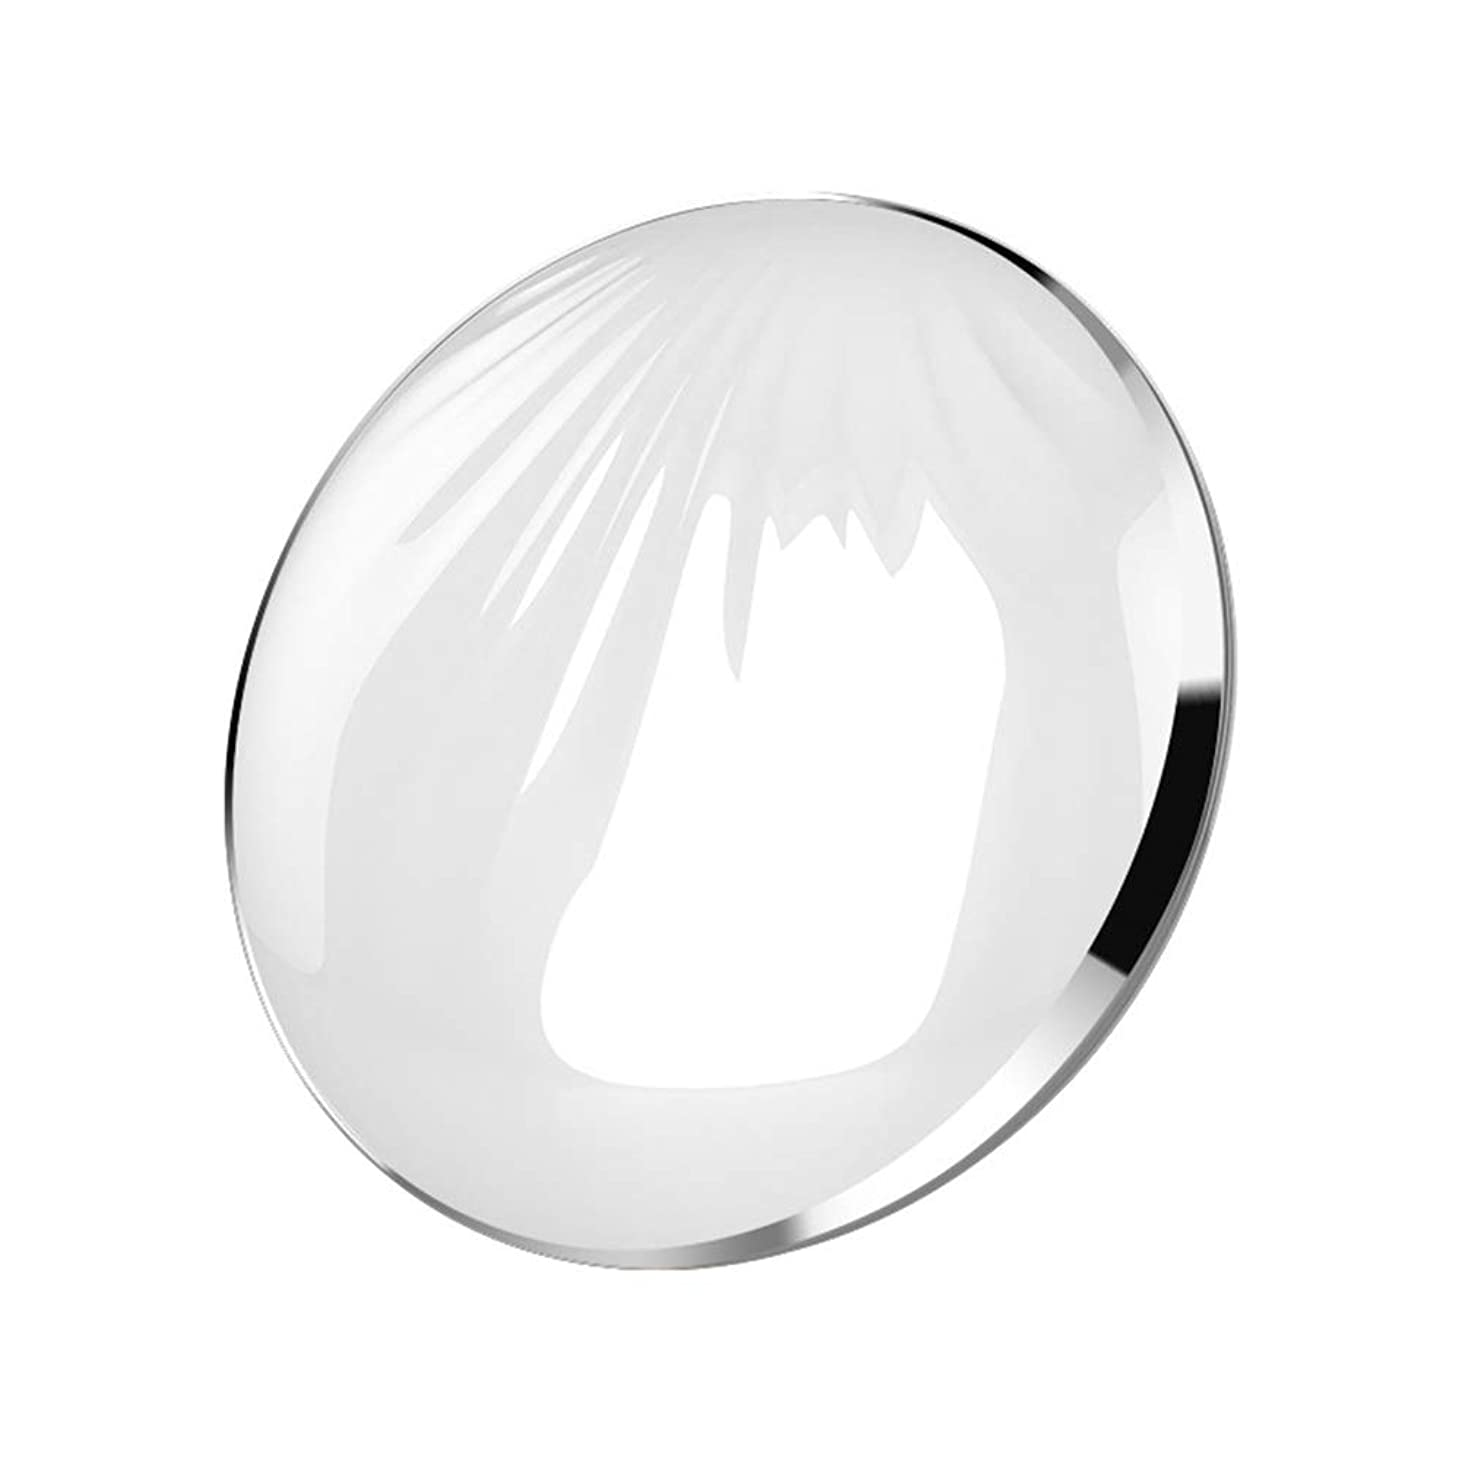 リハーサル戦略メダリスト流行の クリエイティブled化粧鏡シェルポータブル折りたたみ式フィルライトusbモバイル充電宝美容鏡化粧台ミラーピンクシルバーコールドライトウォームライトミックスライト (色 : Silver)